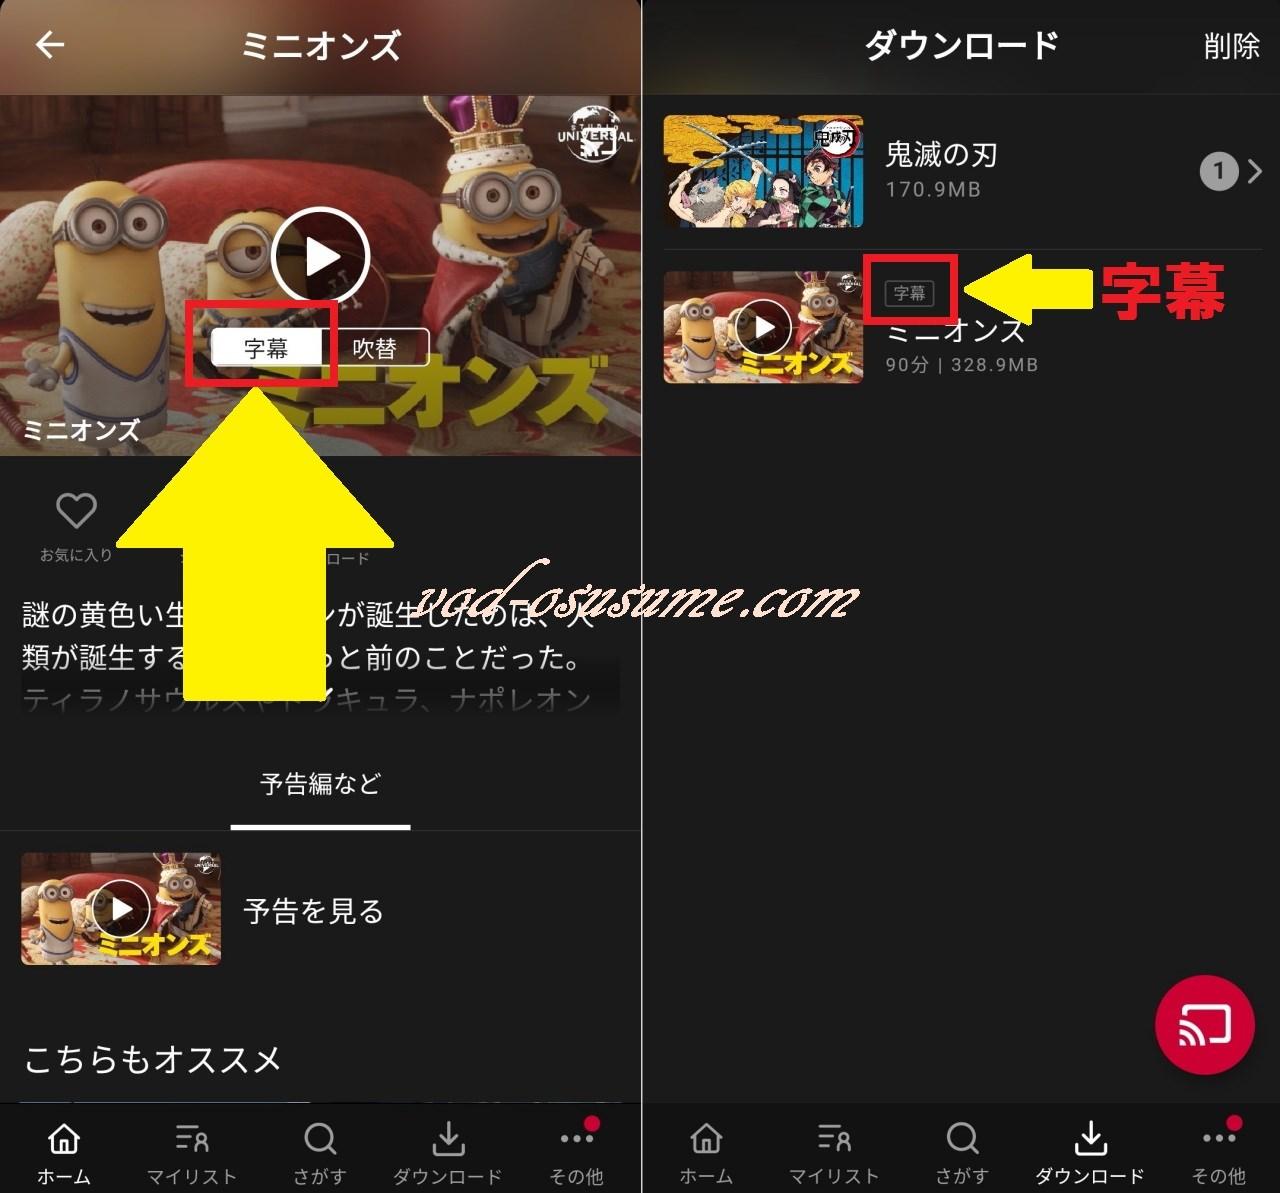 字幕を選んでダウンロードすると字幕の動画が保存される